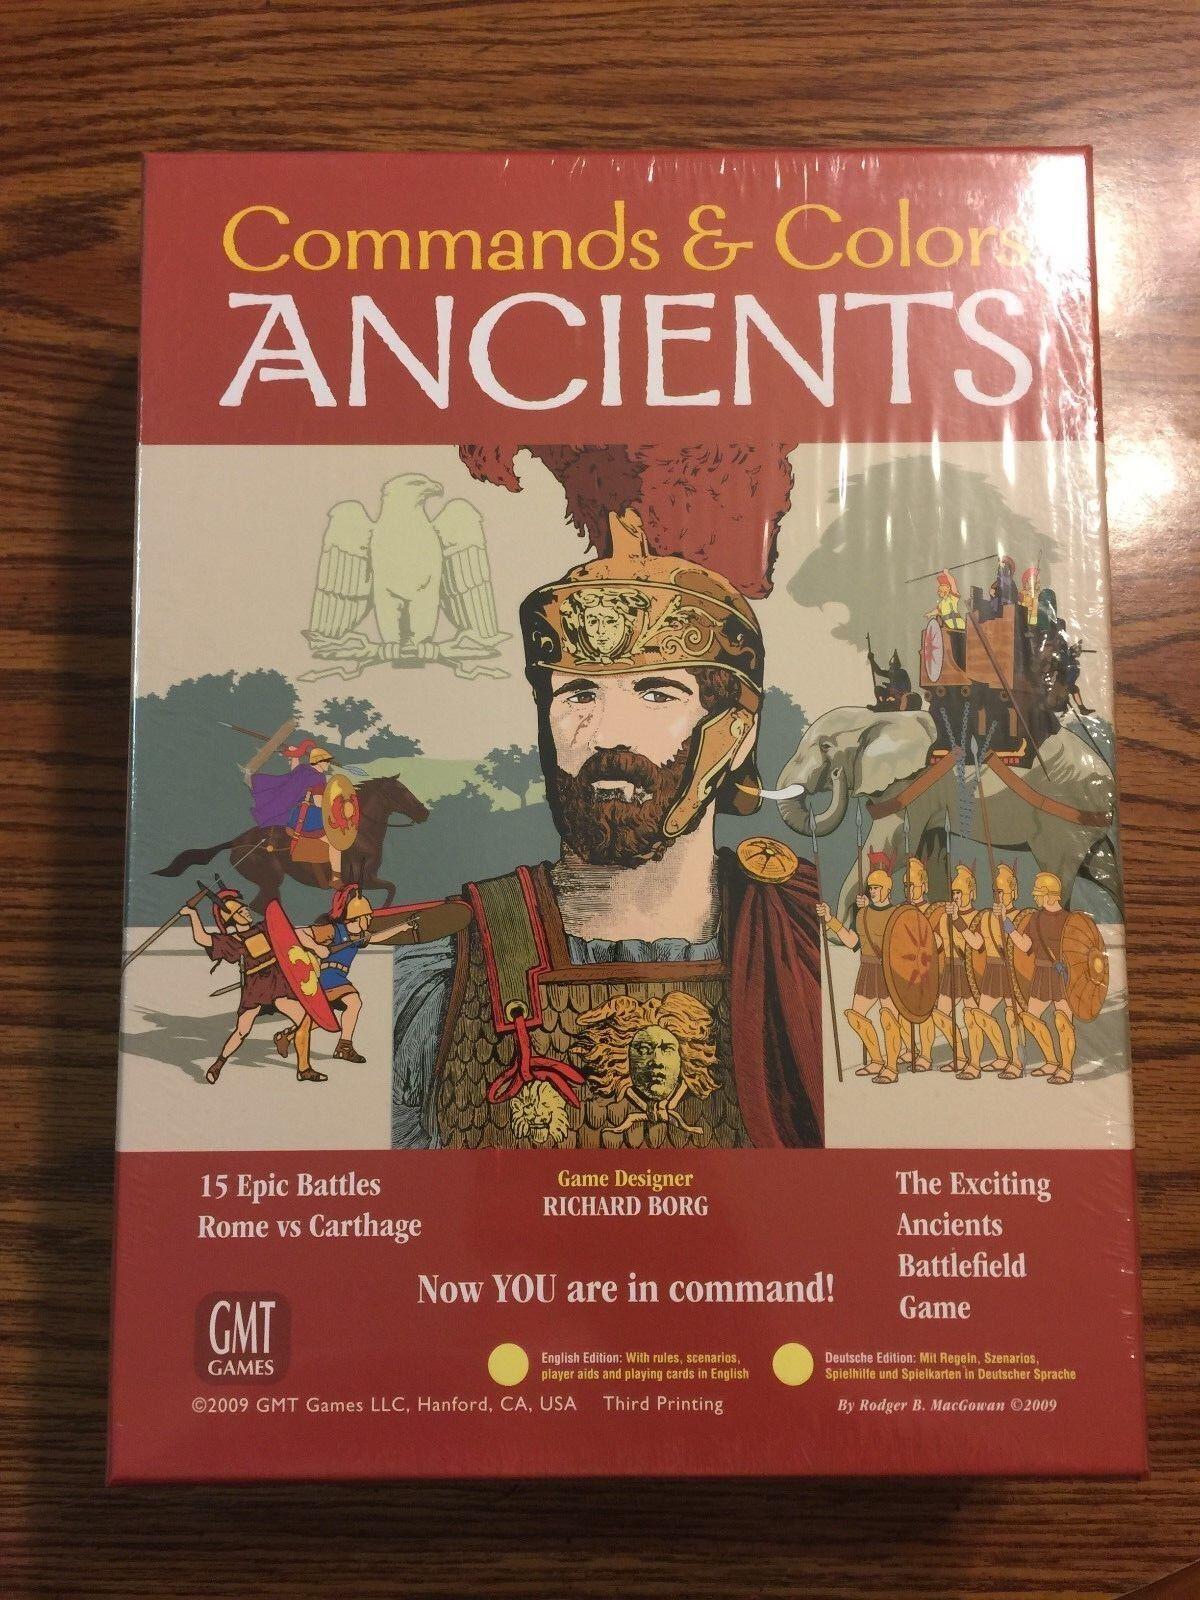 Les commandes & Couleurs Ancients-PSY Enveloppé-GMT Games